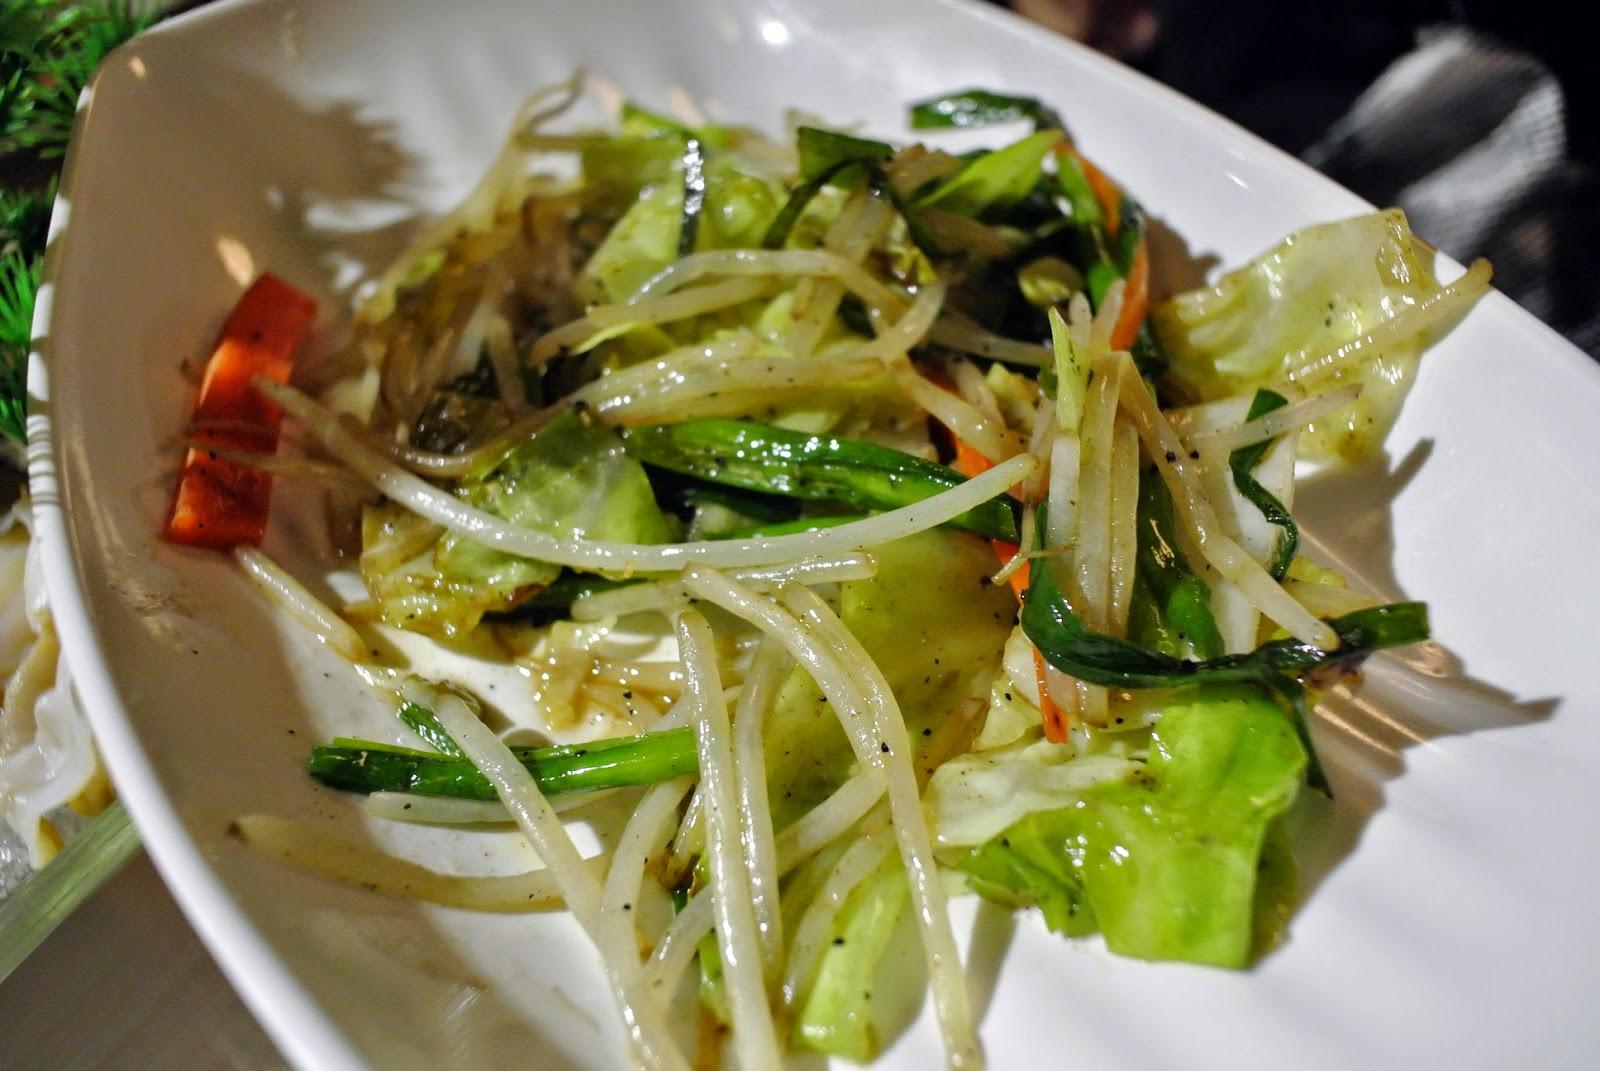 甜魔媽媽新天地: 組長日式放題 Captain's Japanese Restaurant:帶「餓底」食放題!